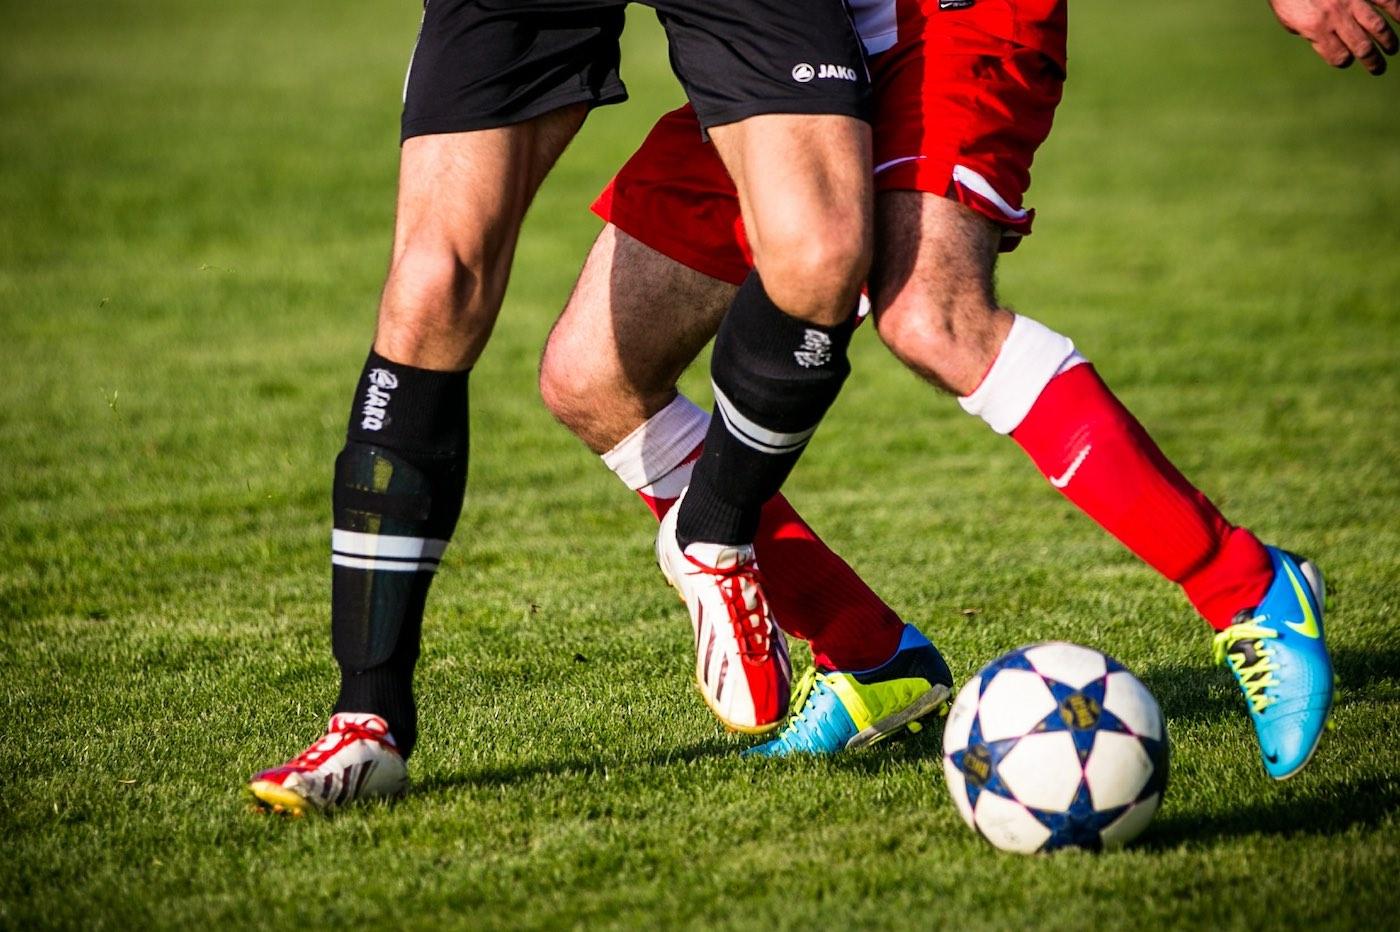 Los clubes de fútbol con tecnología se ahorrarán más lesionados en el reinicio de la liga.